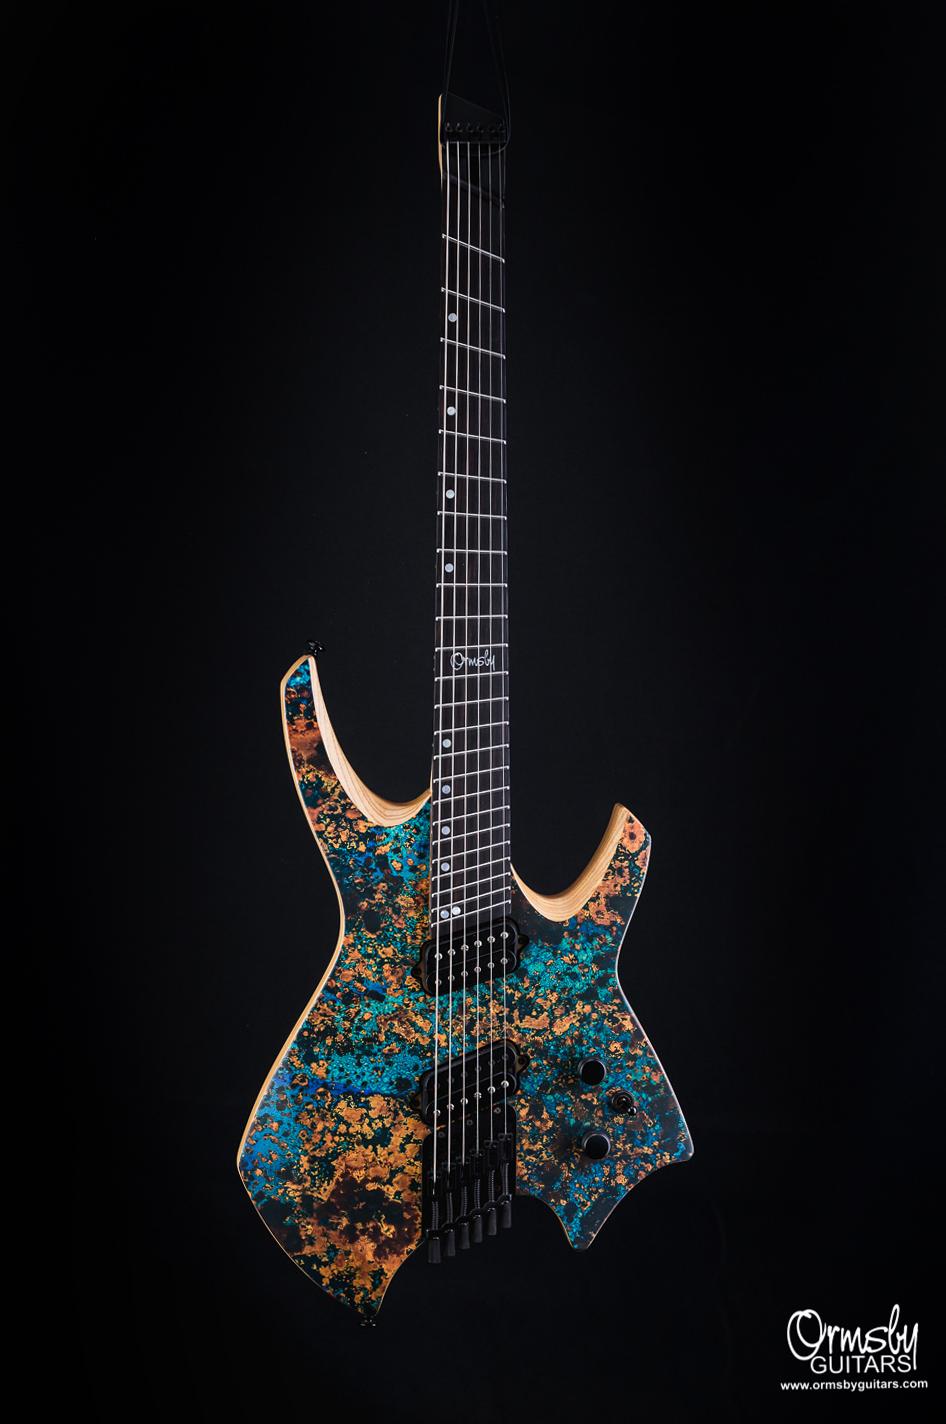 Ormsby Guitars Run 4 Goliath Copper